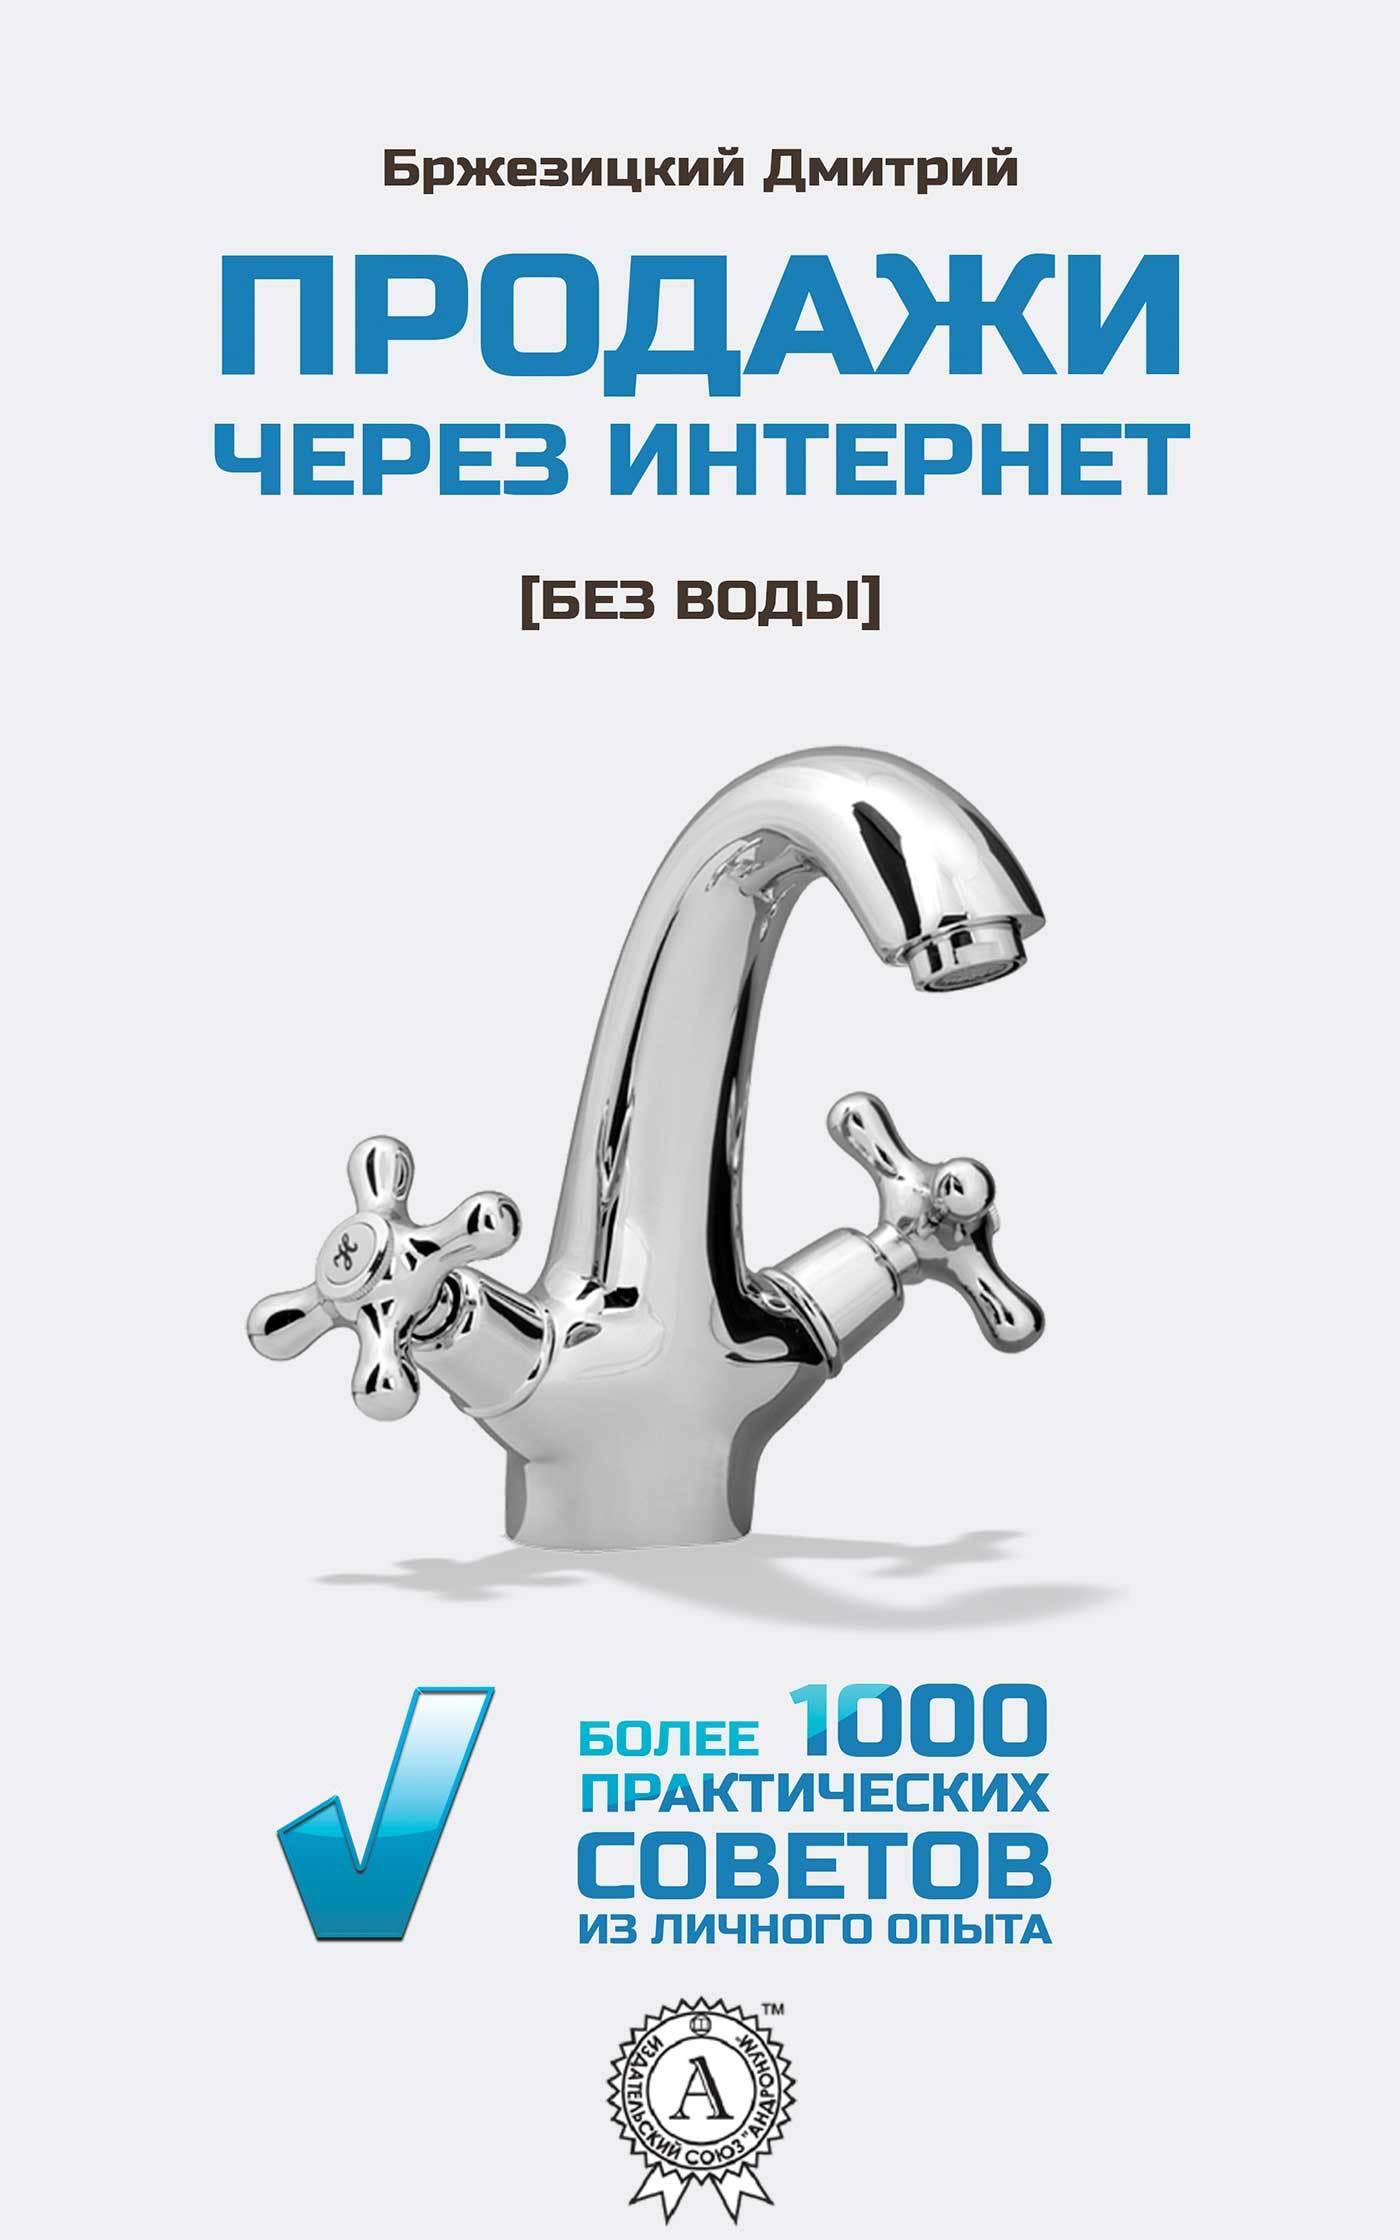 Обложка книги. Автор - Дмитрий Бржезицкий